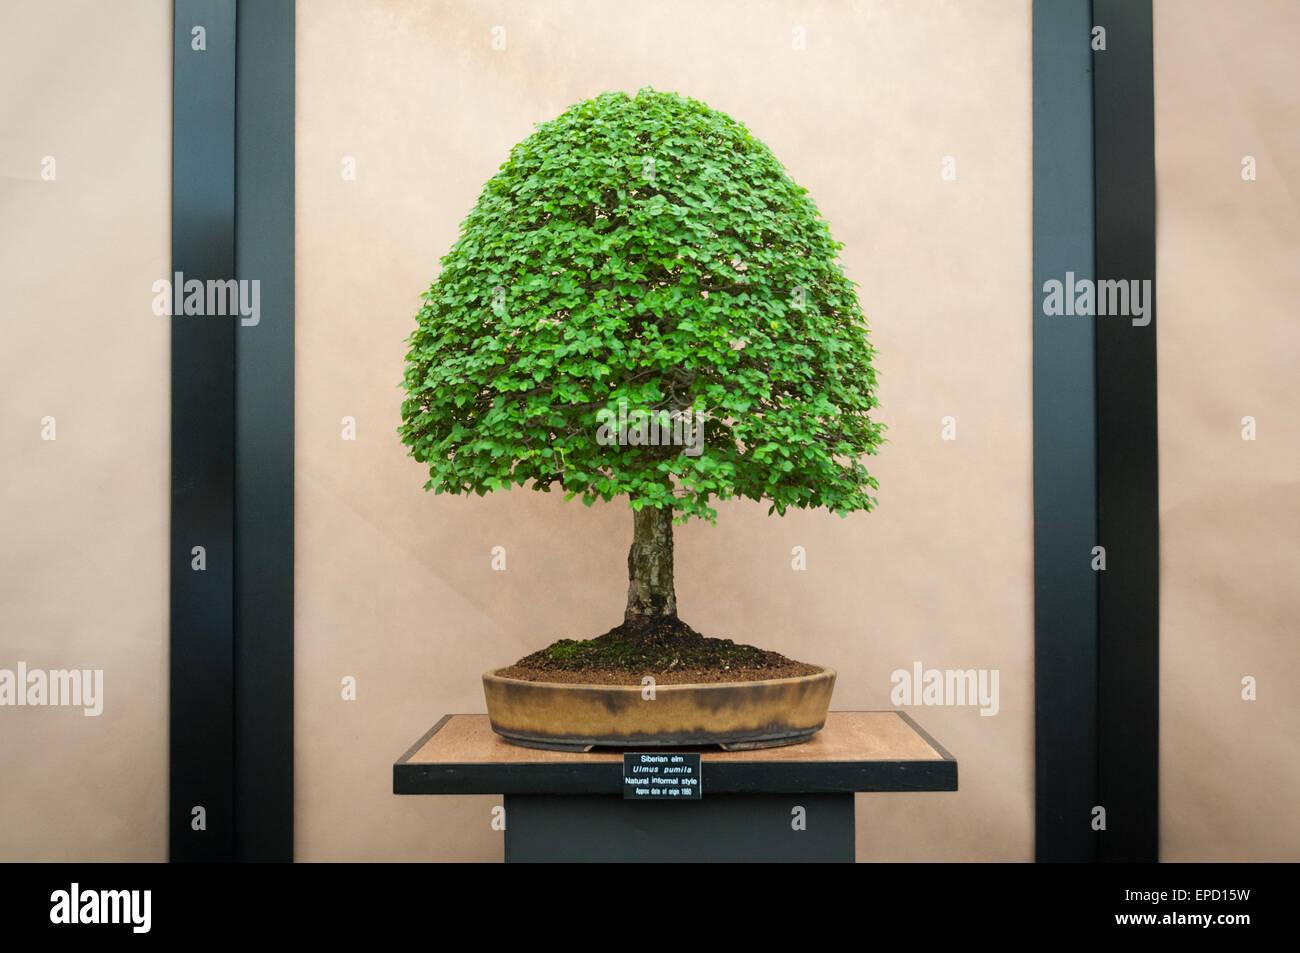 siberian-elm-ulmus-pumila-royal-horticultural-society-rhs-malvern-EPD15W.jpg